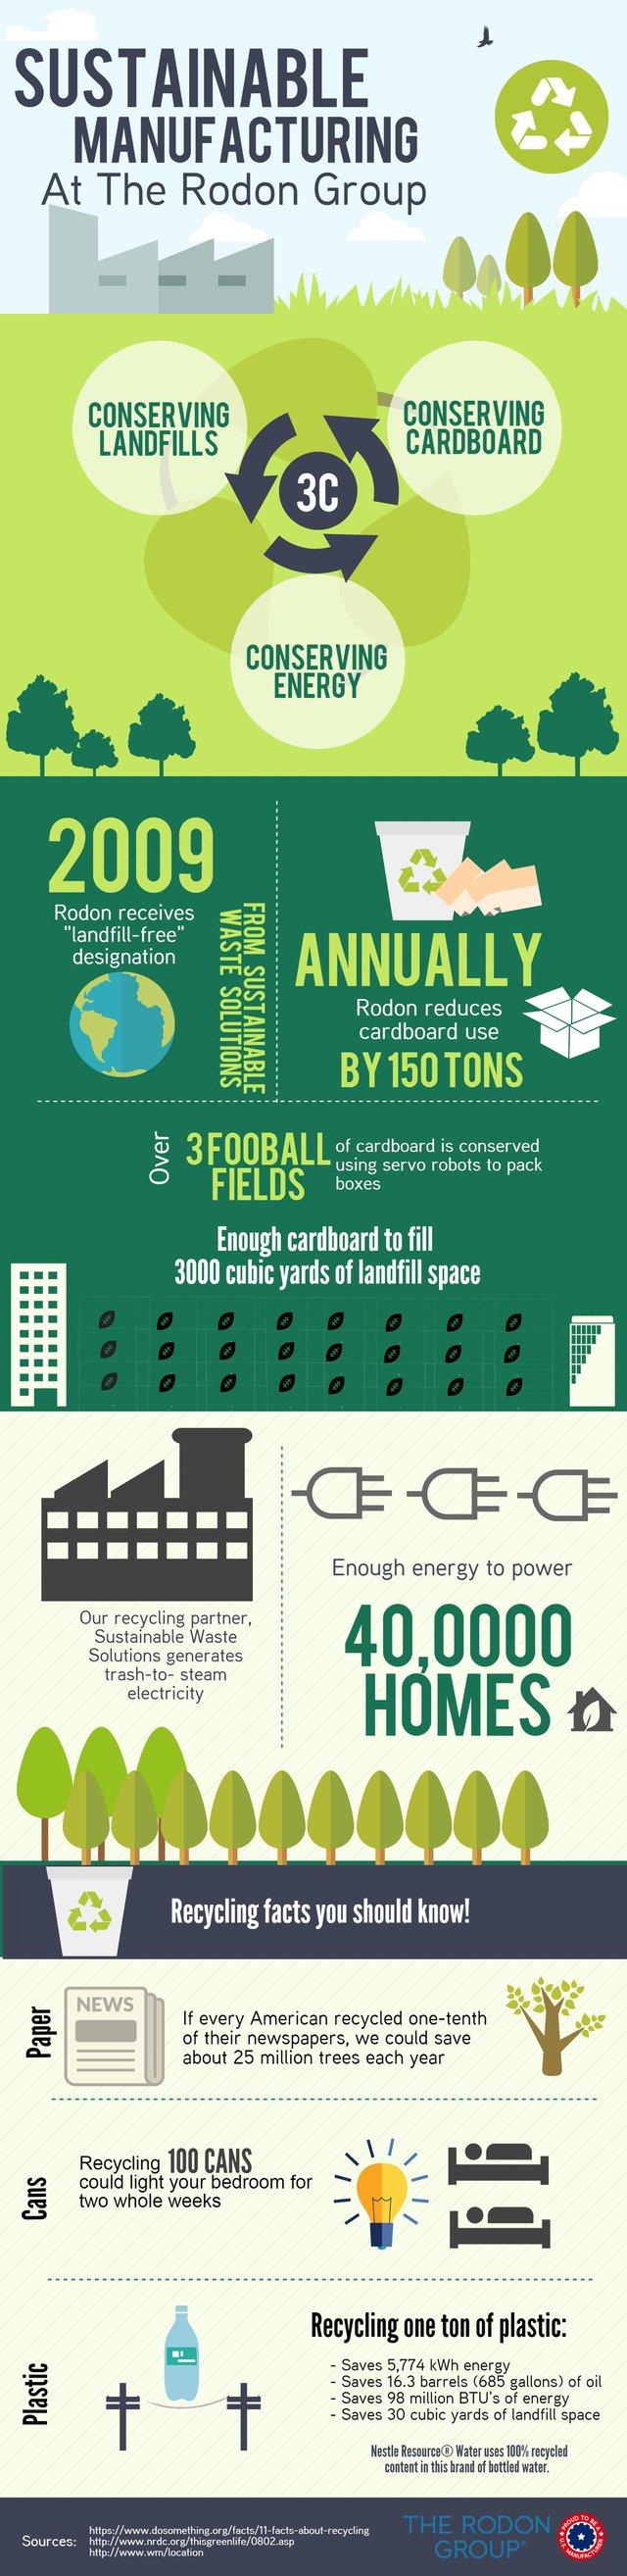 Sustainability_at_Rodon_1